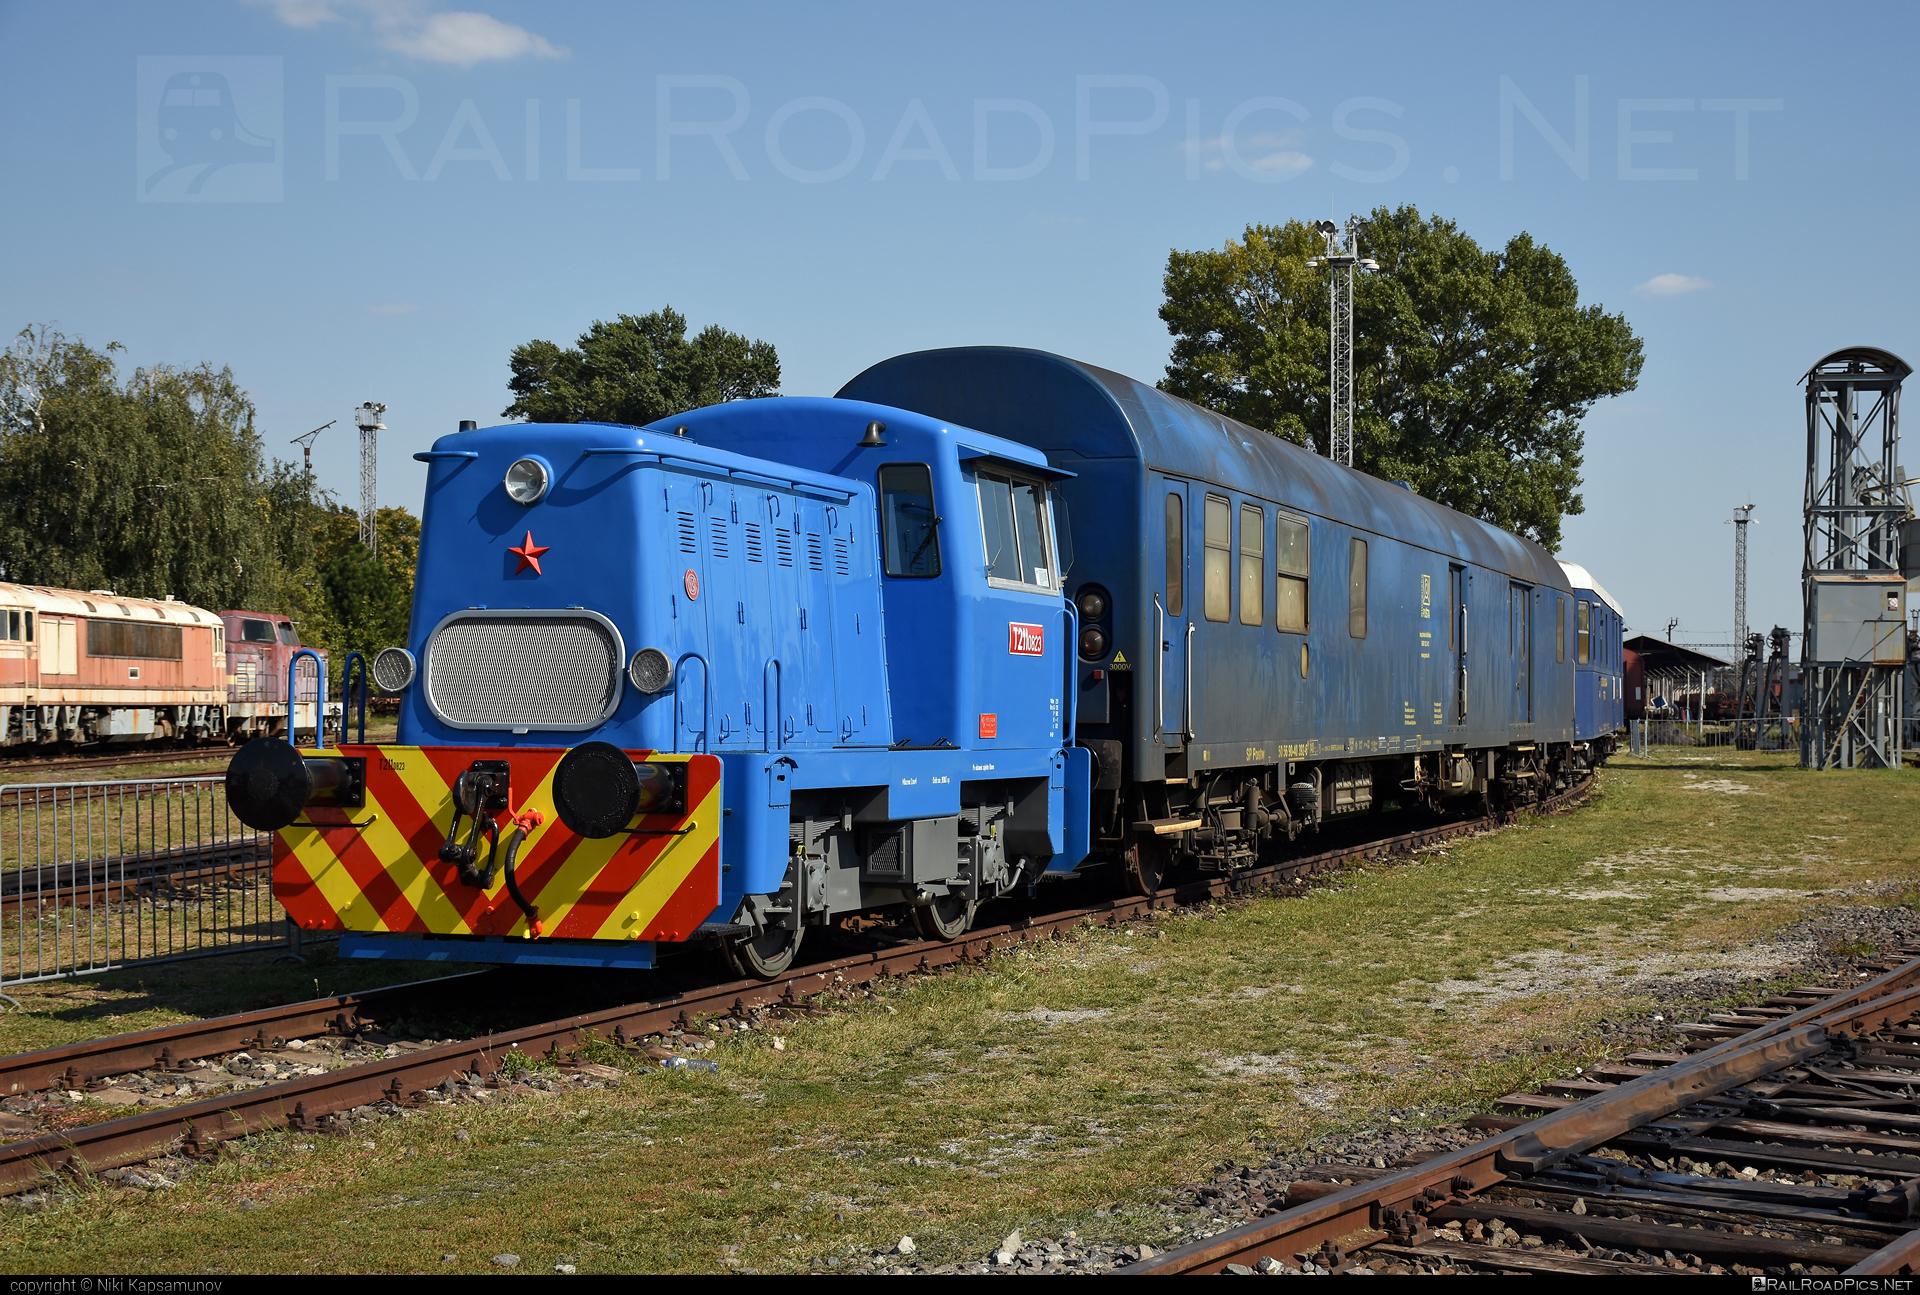 ČKD T 211.0 (700) - T211.0823 operated by Železnice Slovenskej Republiky #ckd #ckd2110 #ckd700 #ckdclass700 #ckdt2110 #locomotive700 #locomotivet211 #prasa #prasatko #prasiatko #zelezniceslovenskejrepubliky #zsr